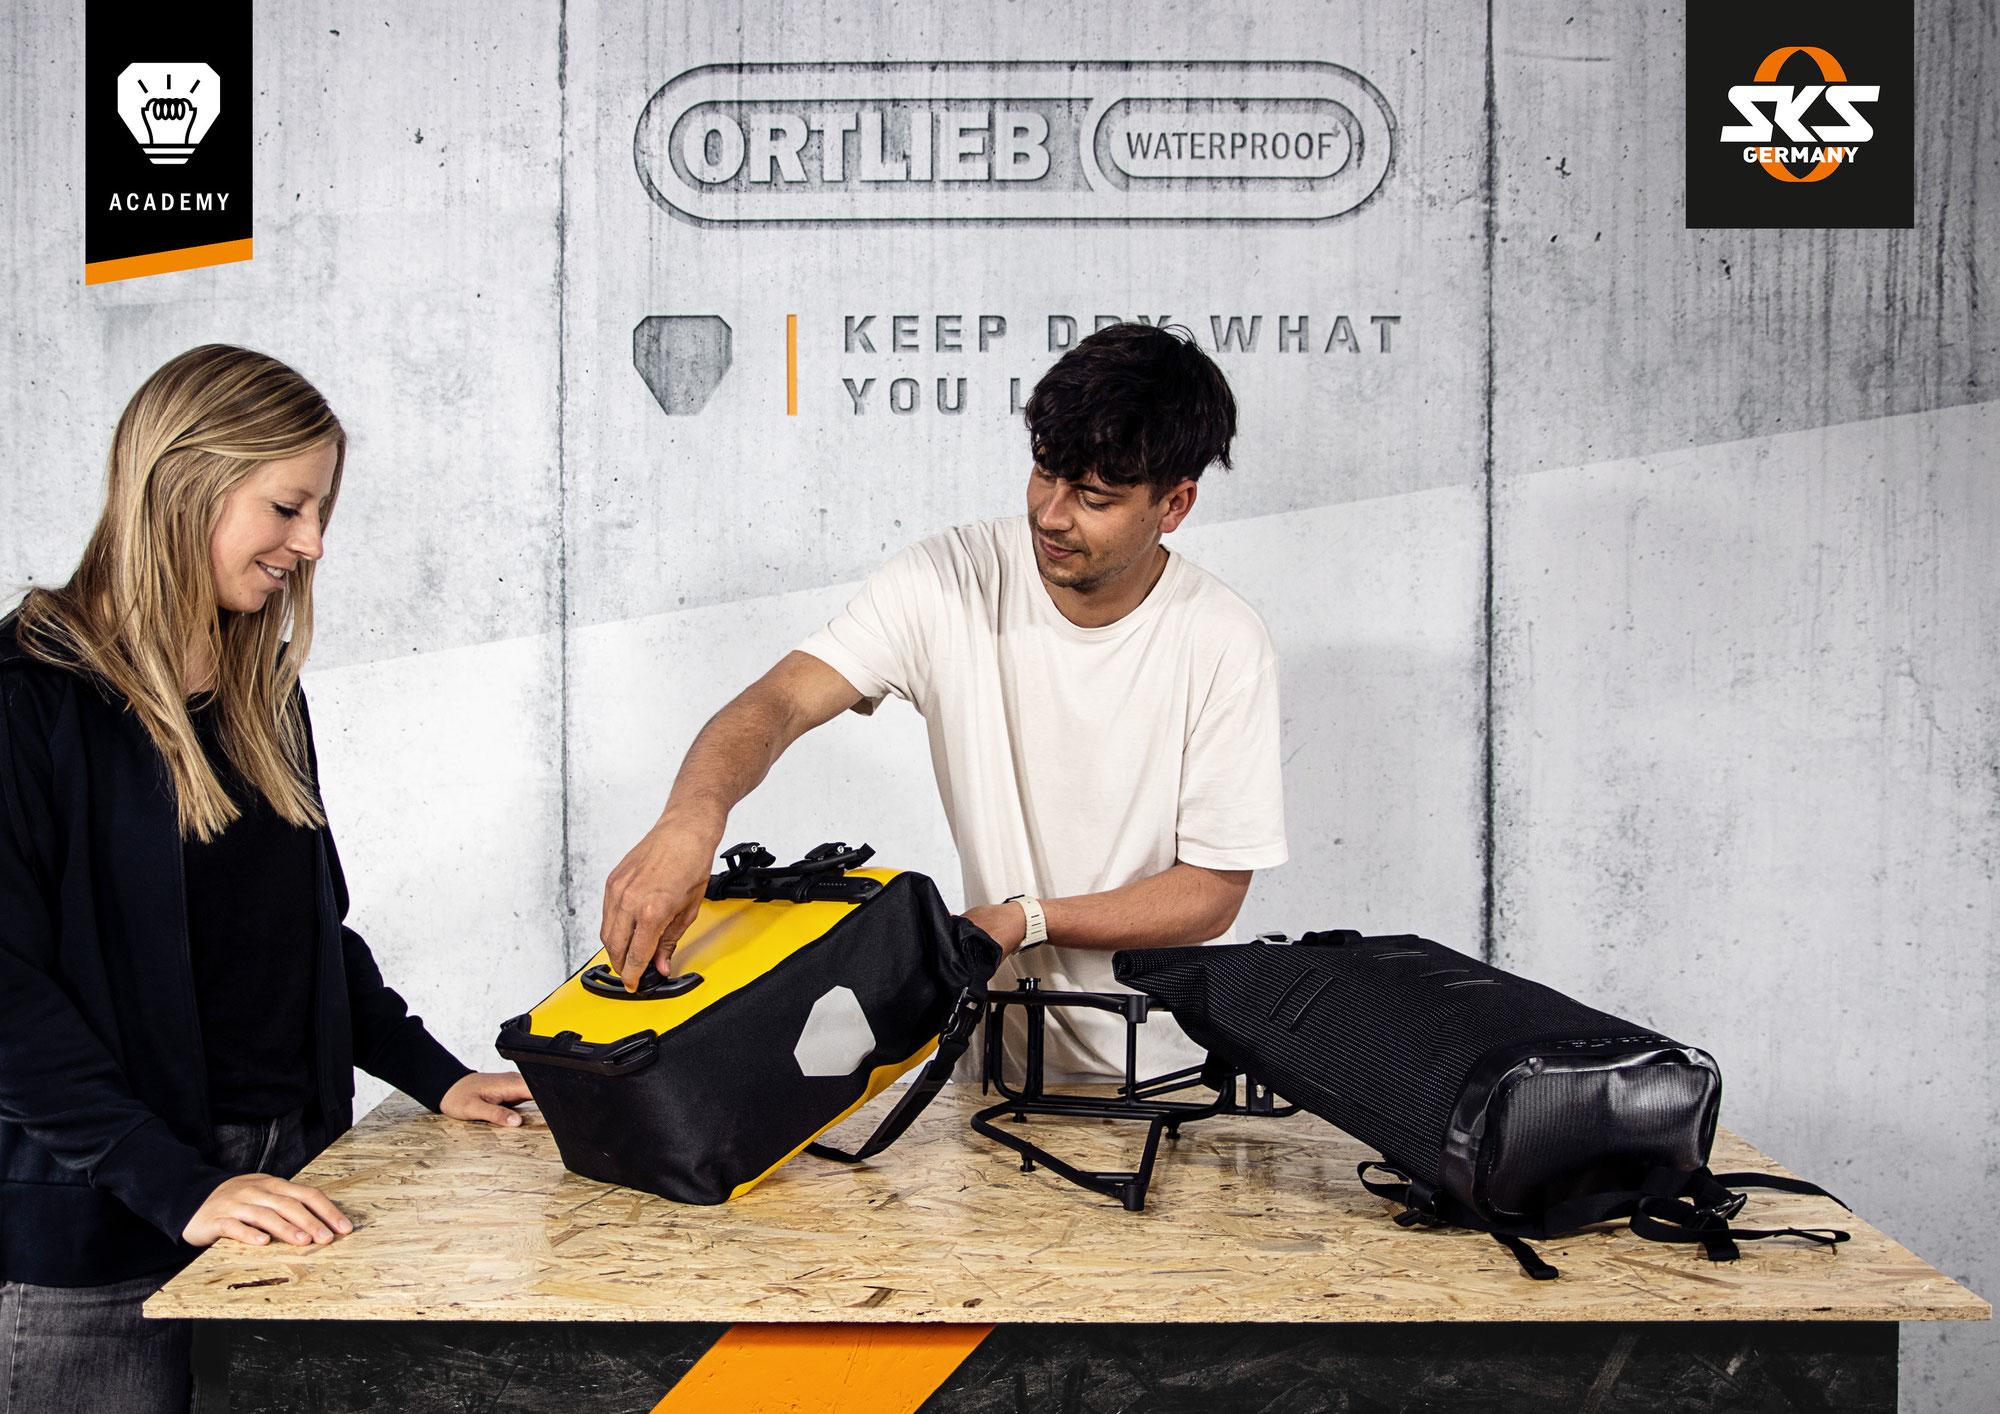 SKS GERMANY & ORTLIEB starten gemeinsame Schulungen